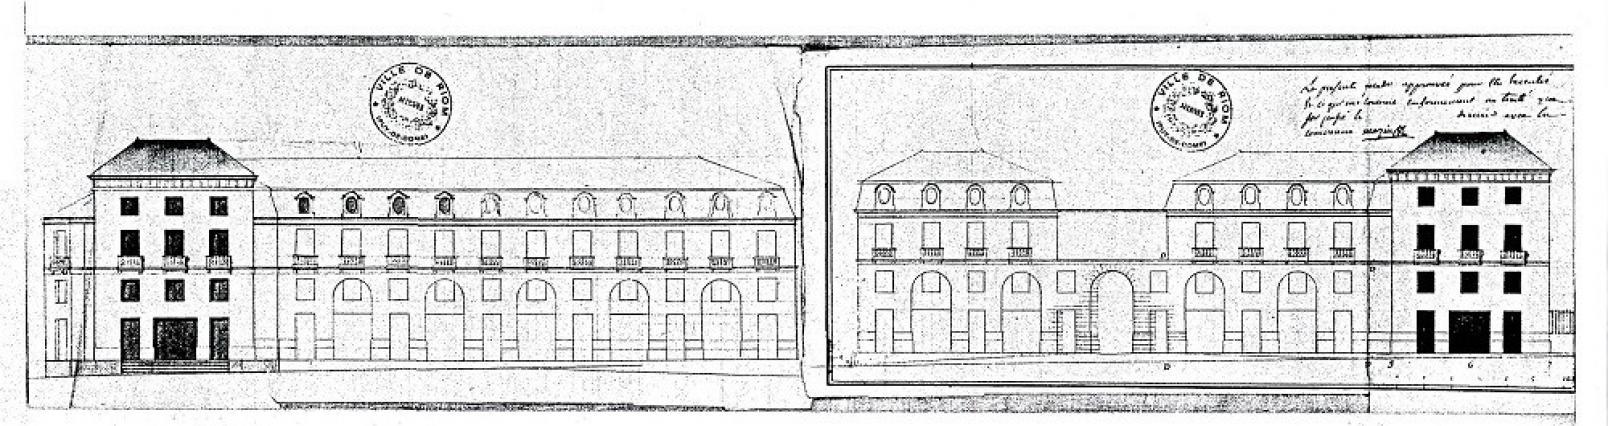 Élévations de la place du Marché-Neuf, 1795, dessin, C.F.M. Attiret, Riom